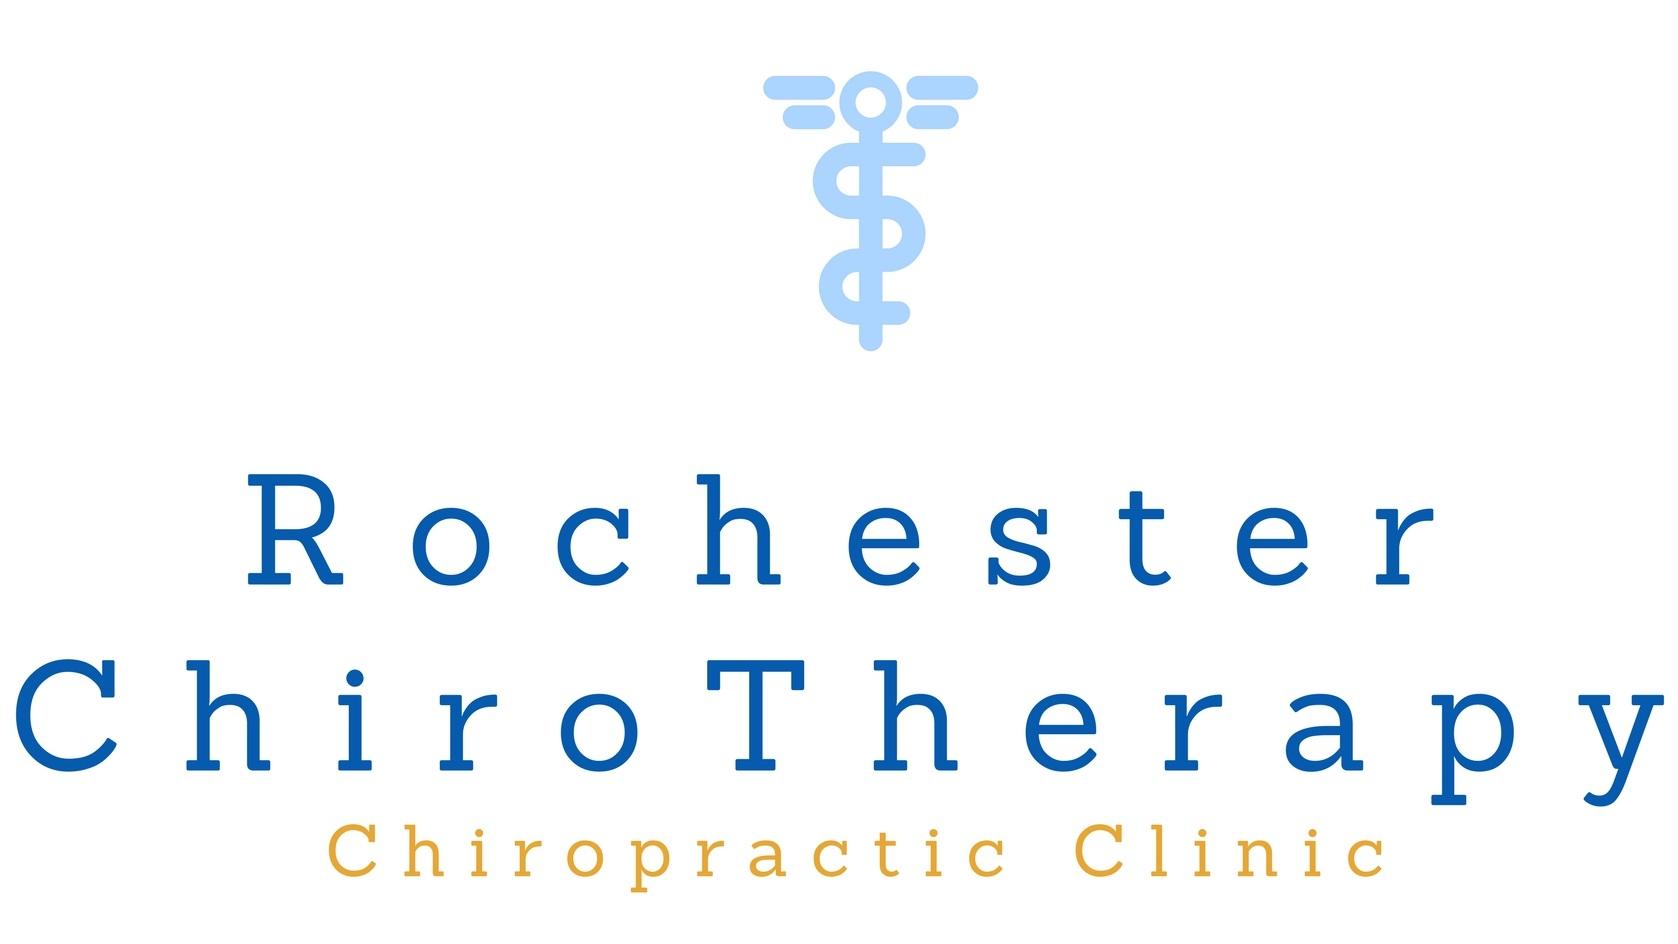 Best Chiropractor Rochester New York, Chiropractor Rochester | Chiropractor in Rochester | Rochester Chiropractic | Rochester Chiropractor